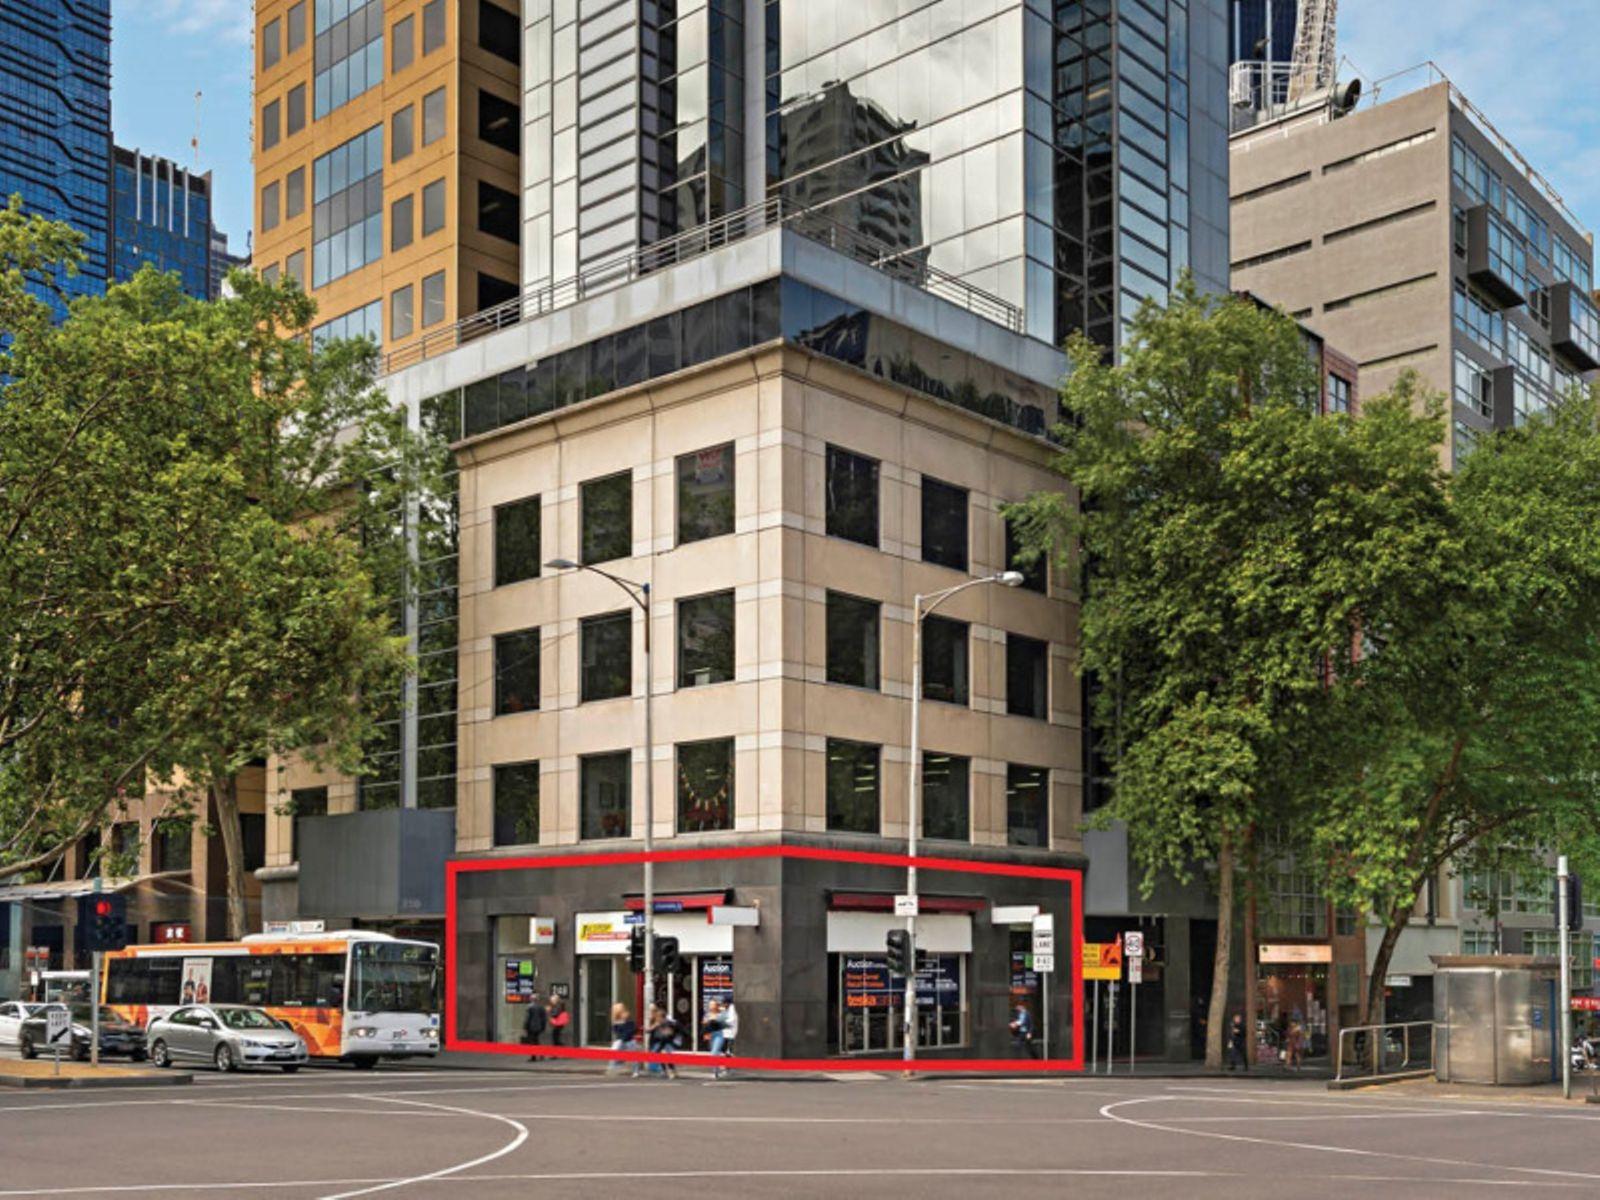 Front Building Outline DxO